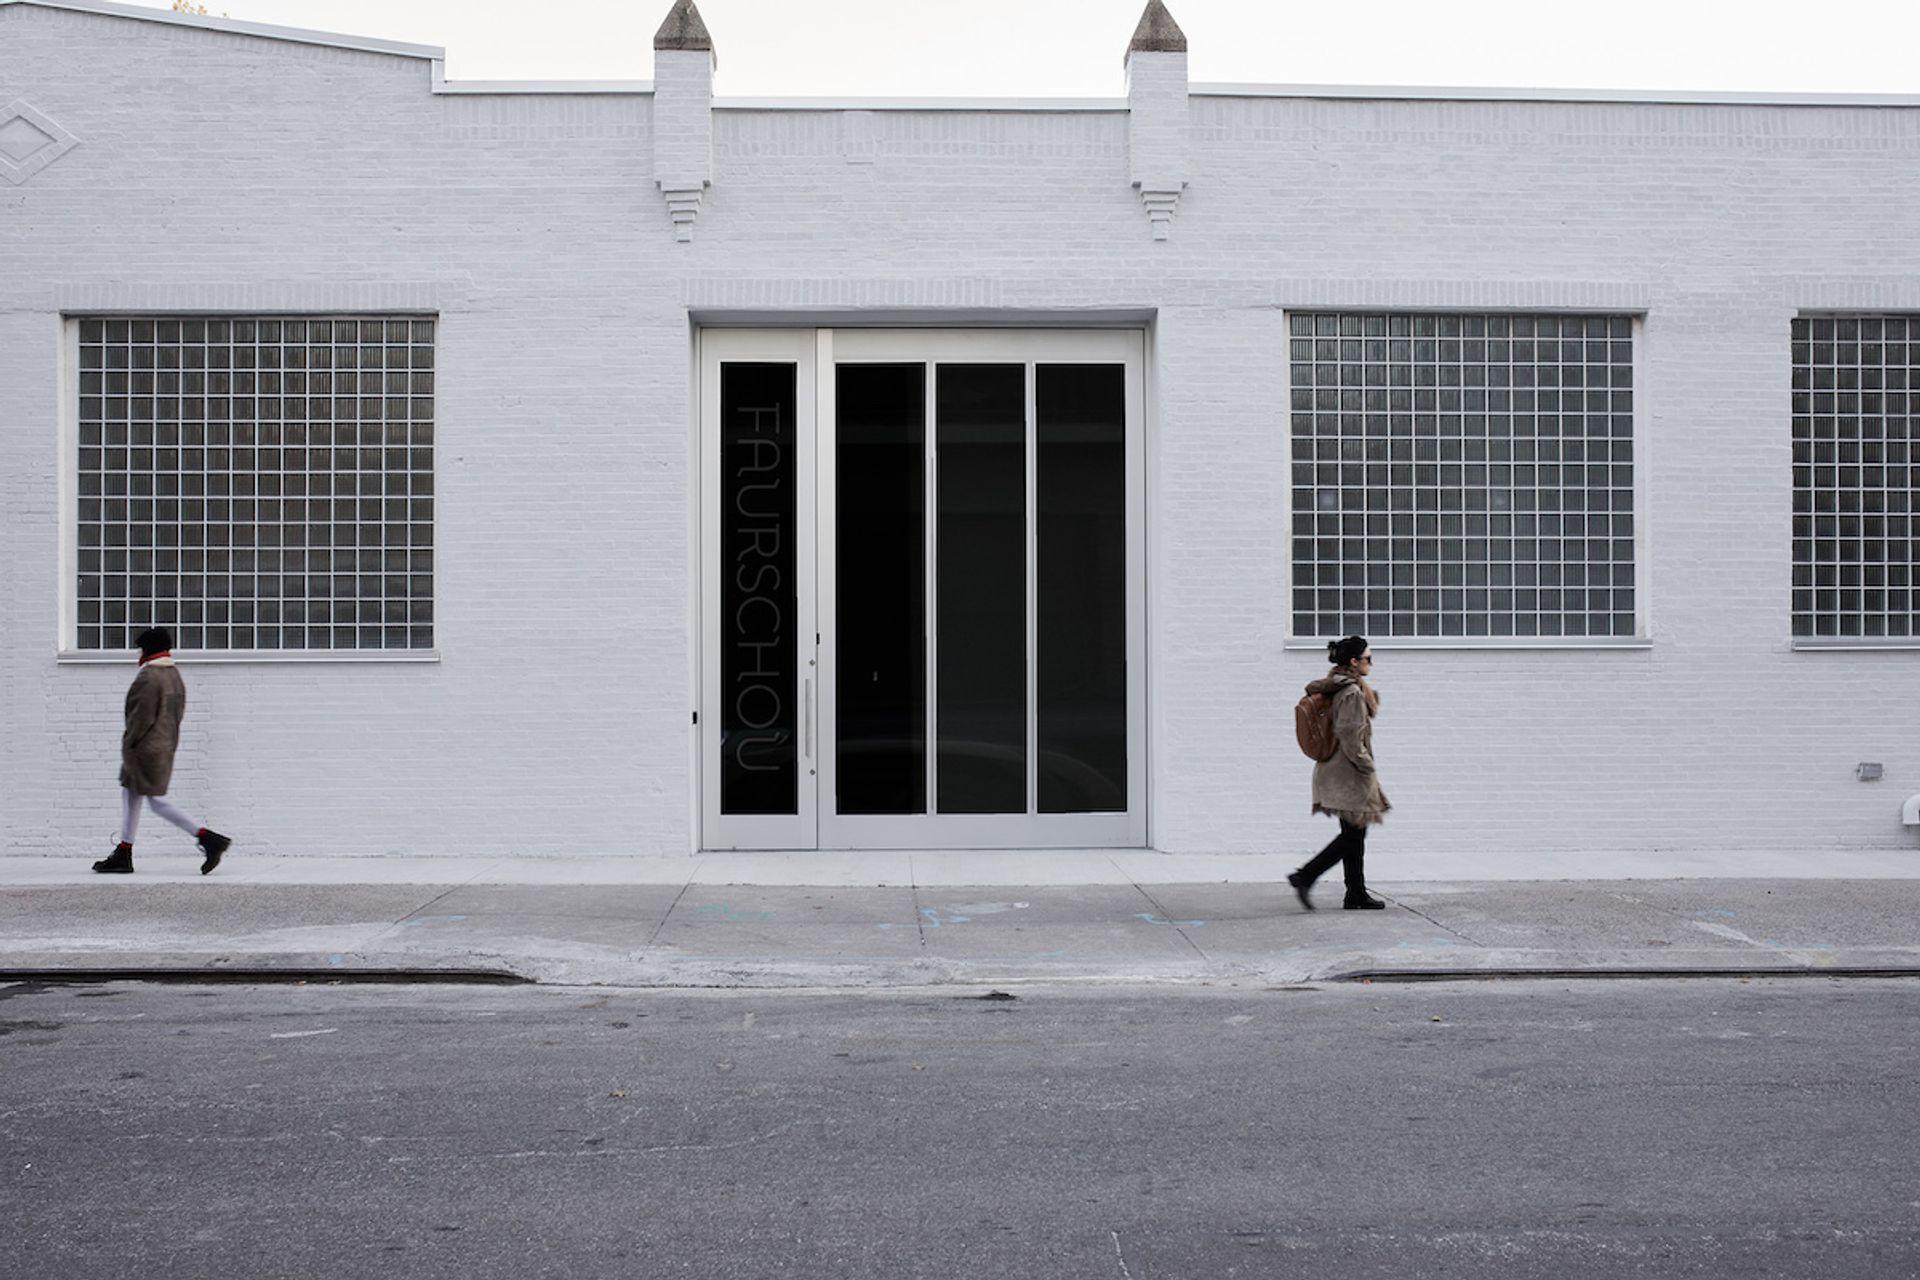 The facade of the Faurschou in New York Ed Gumuchian, © Faurschou Foundation